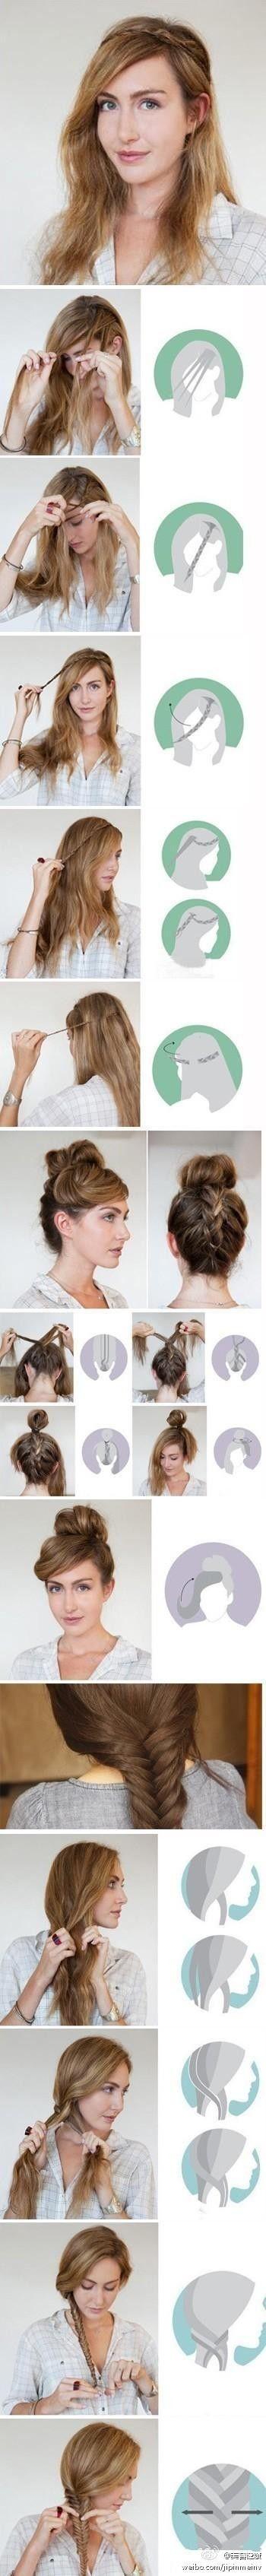 Different Braid Ideas